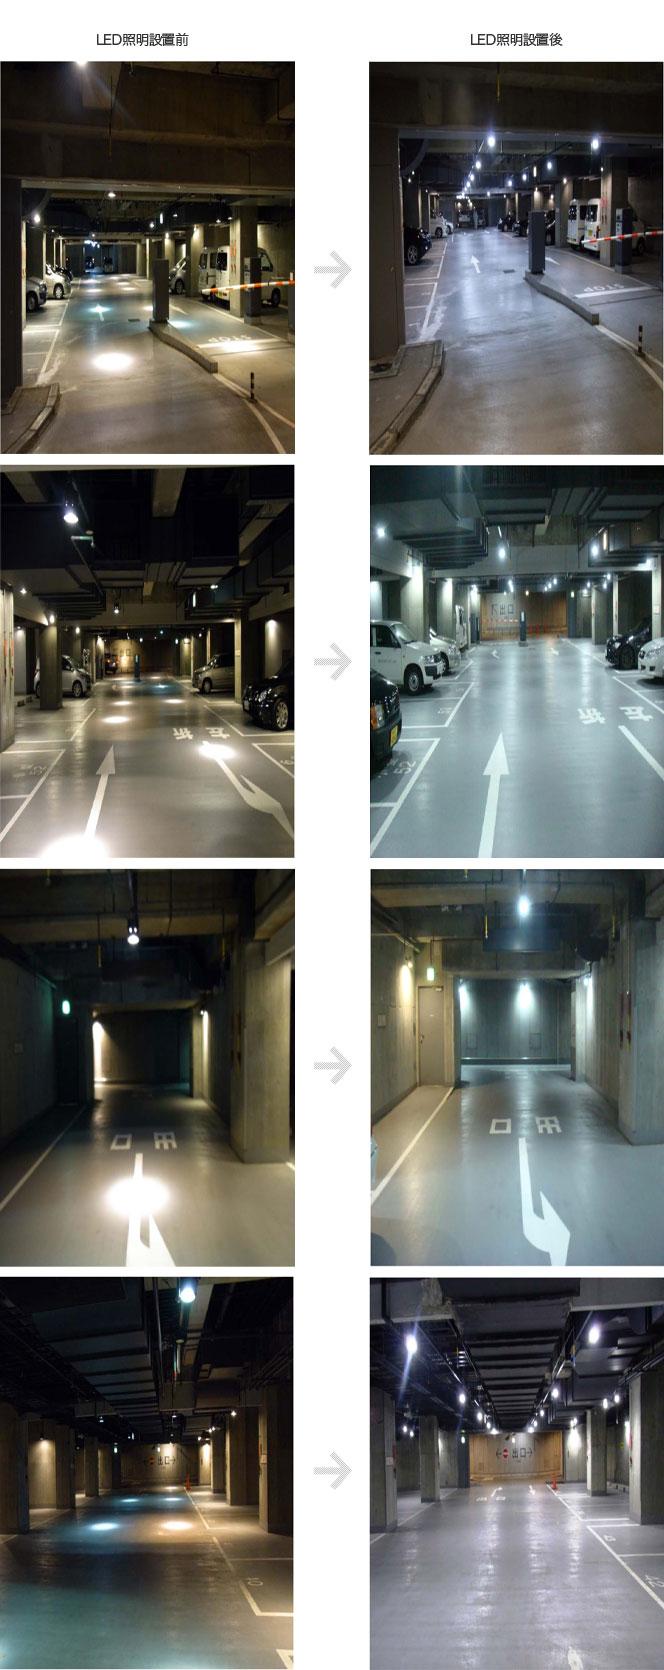 ホテルLED照明設置例2